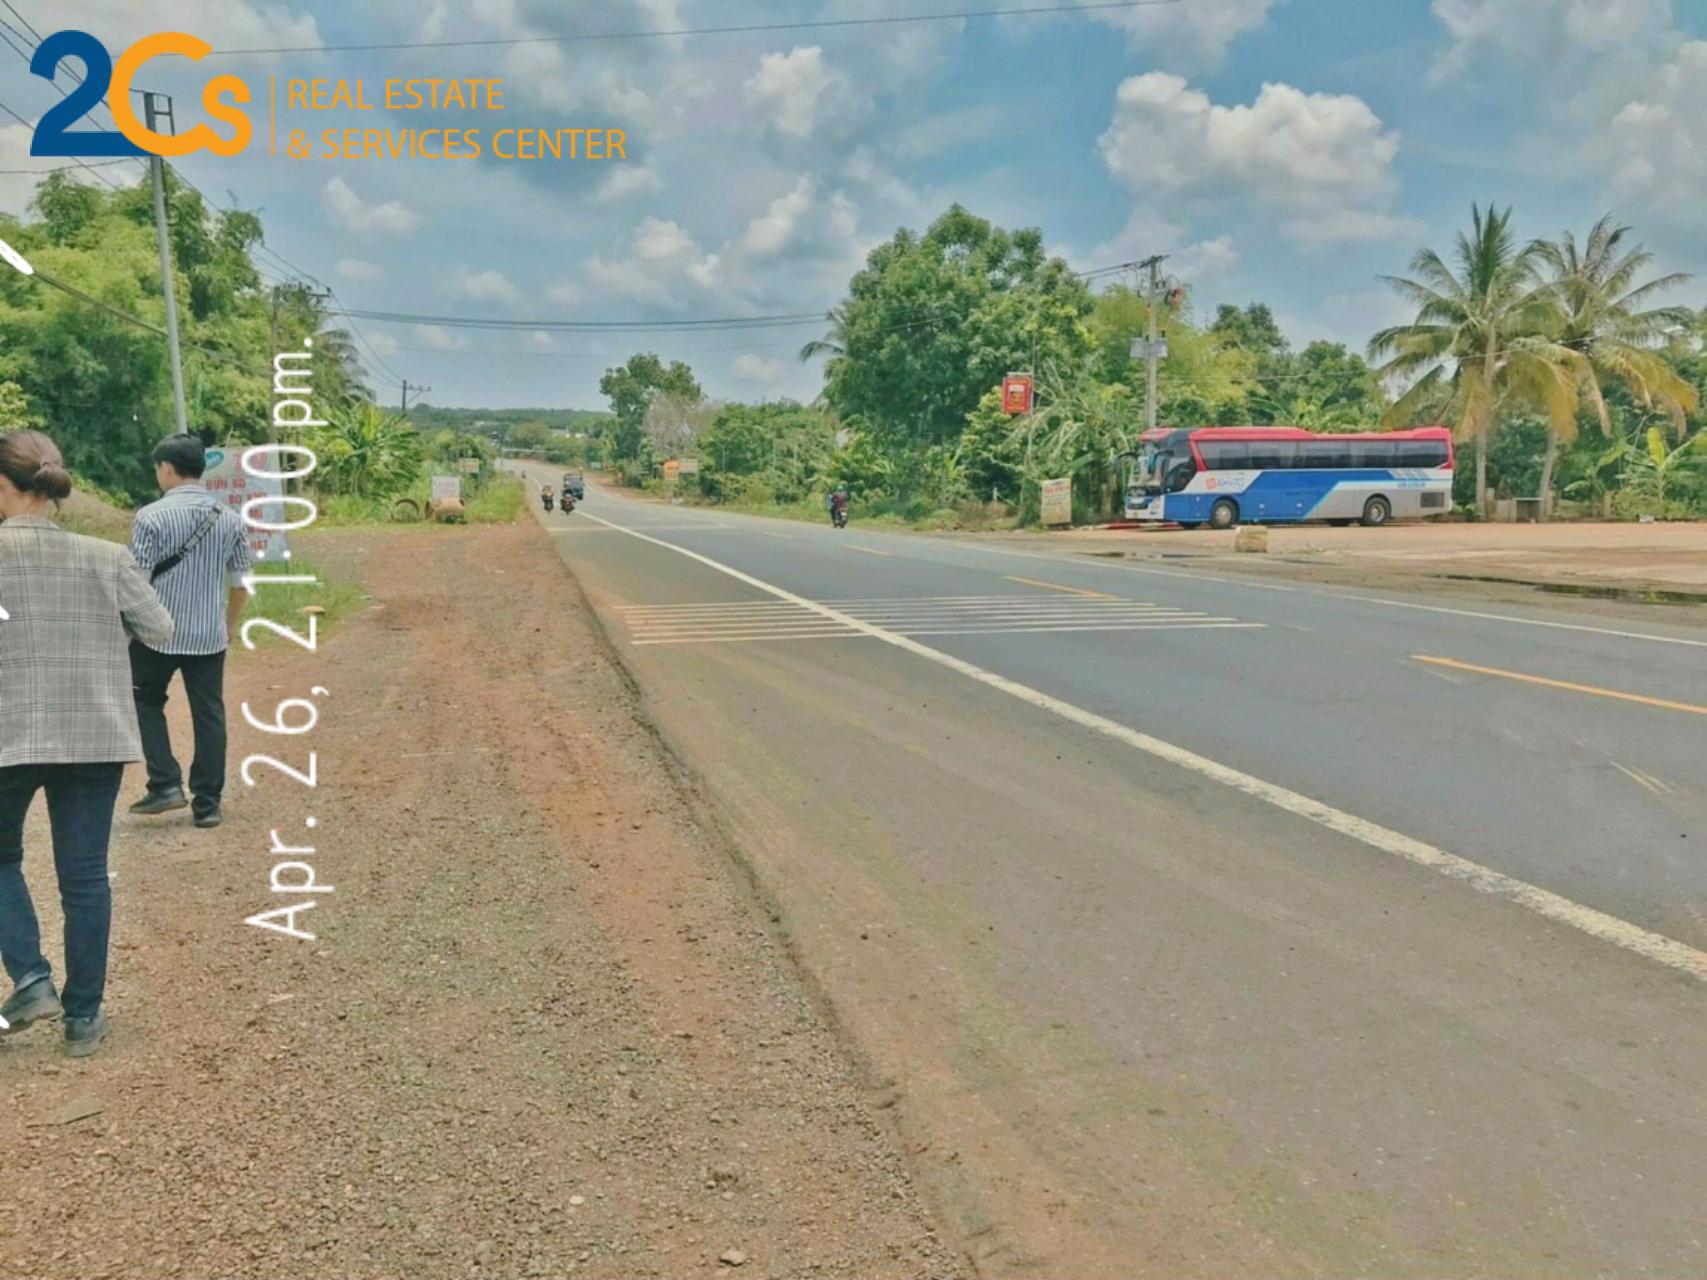 Cần bán lô đất có thổ cư 100m2, nằm trước mặt tiền lộ nhưa 10m, cách QL14 100m Địa chỉ: xã Phú Trung, huyện Phú Riềng, tỉnh Bình Phước